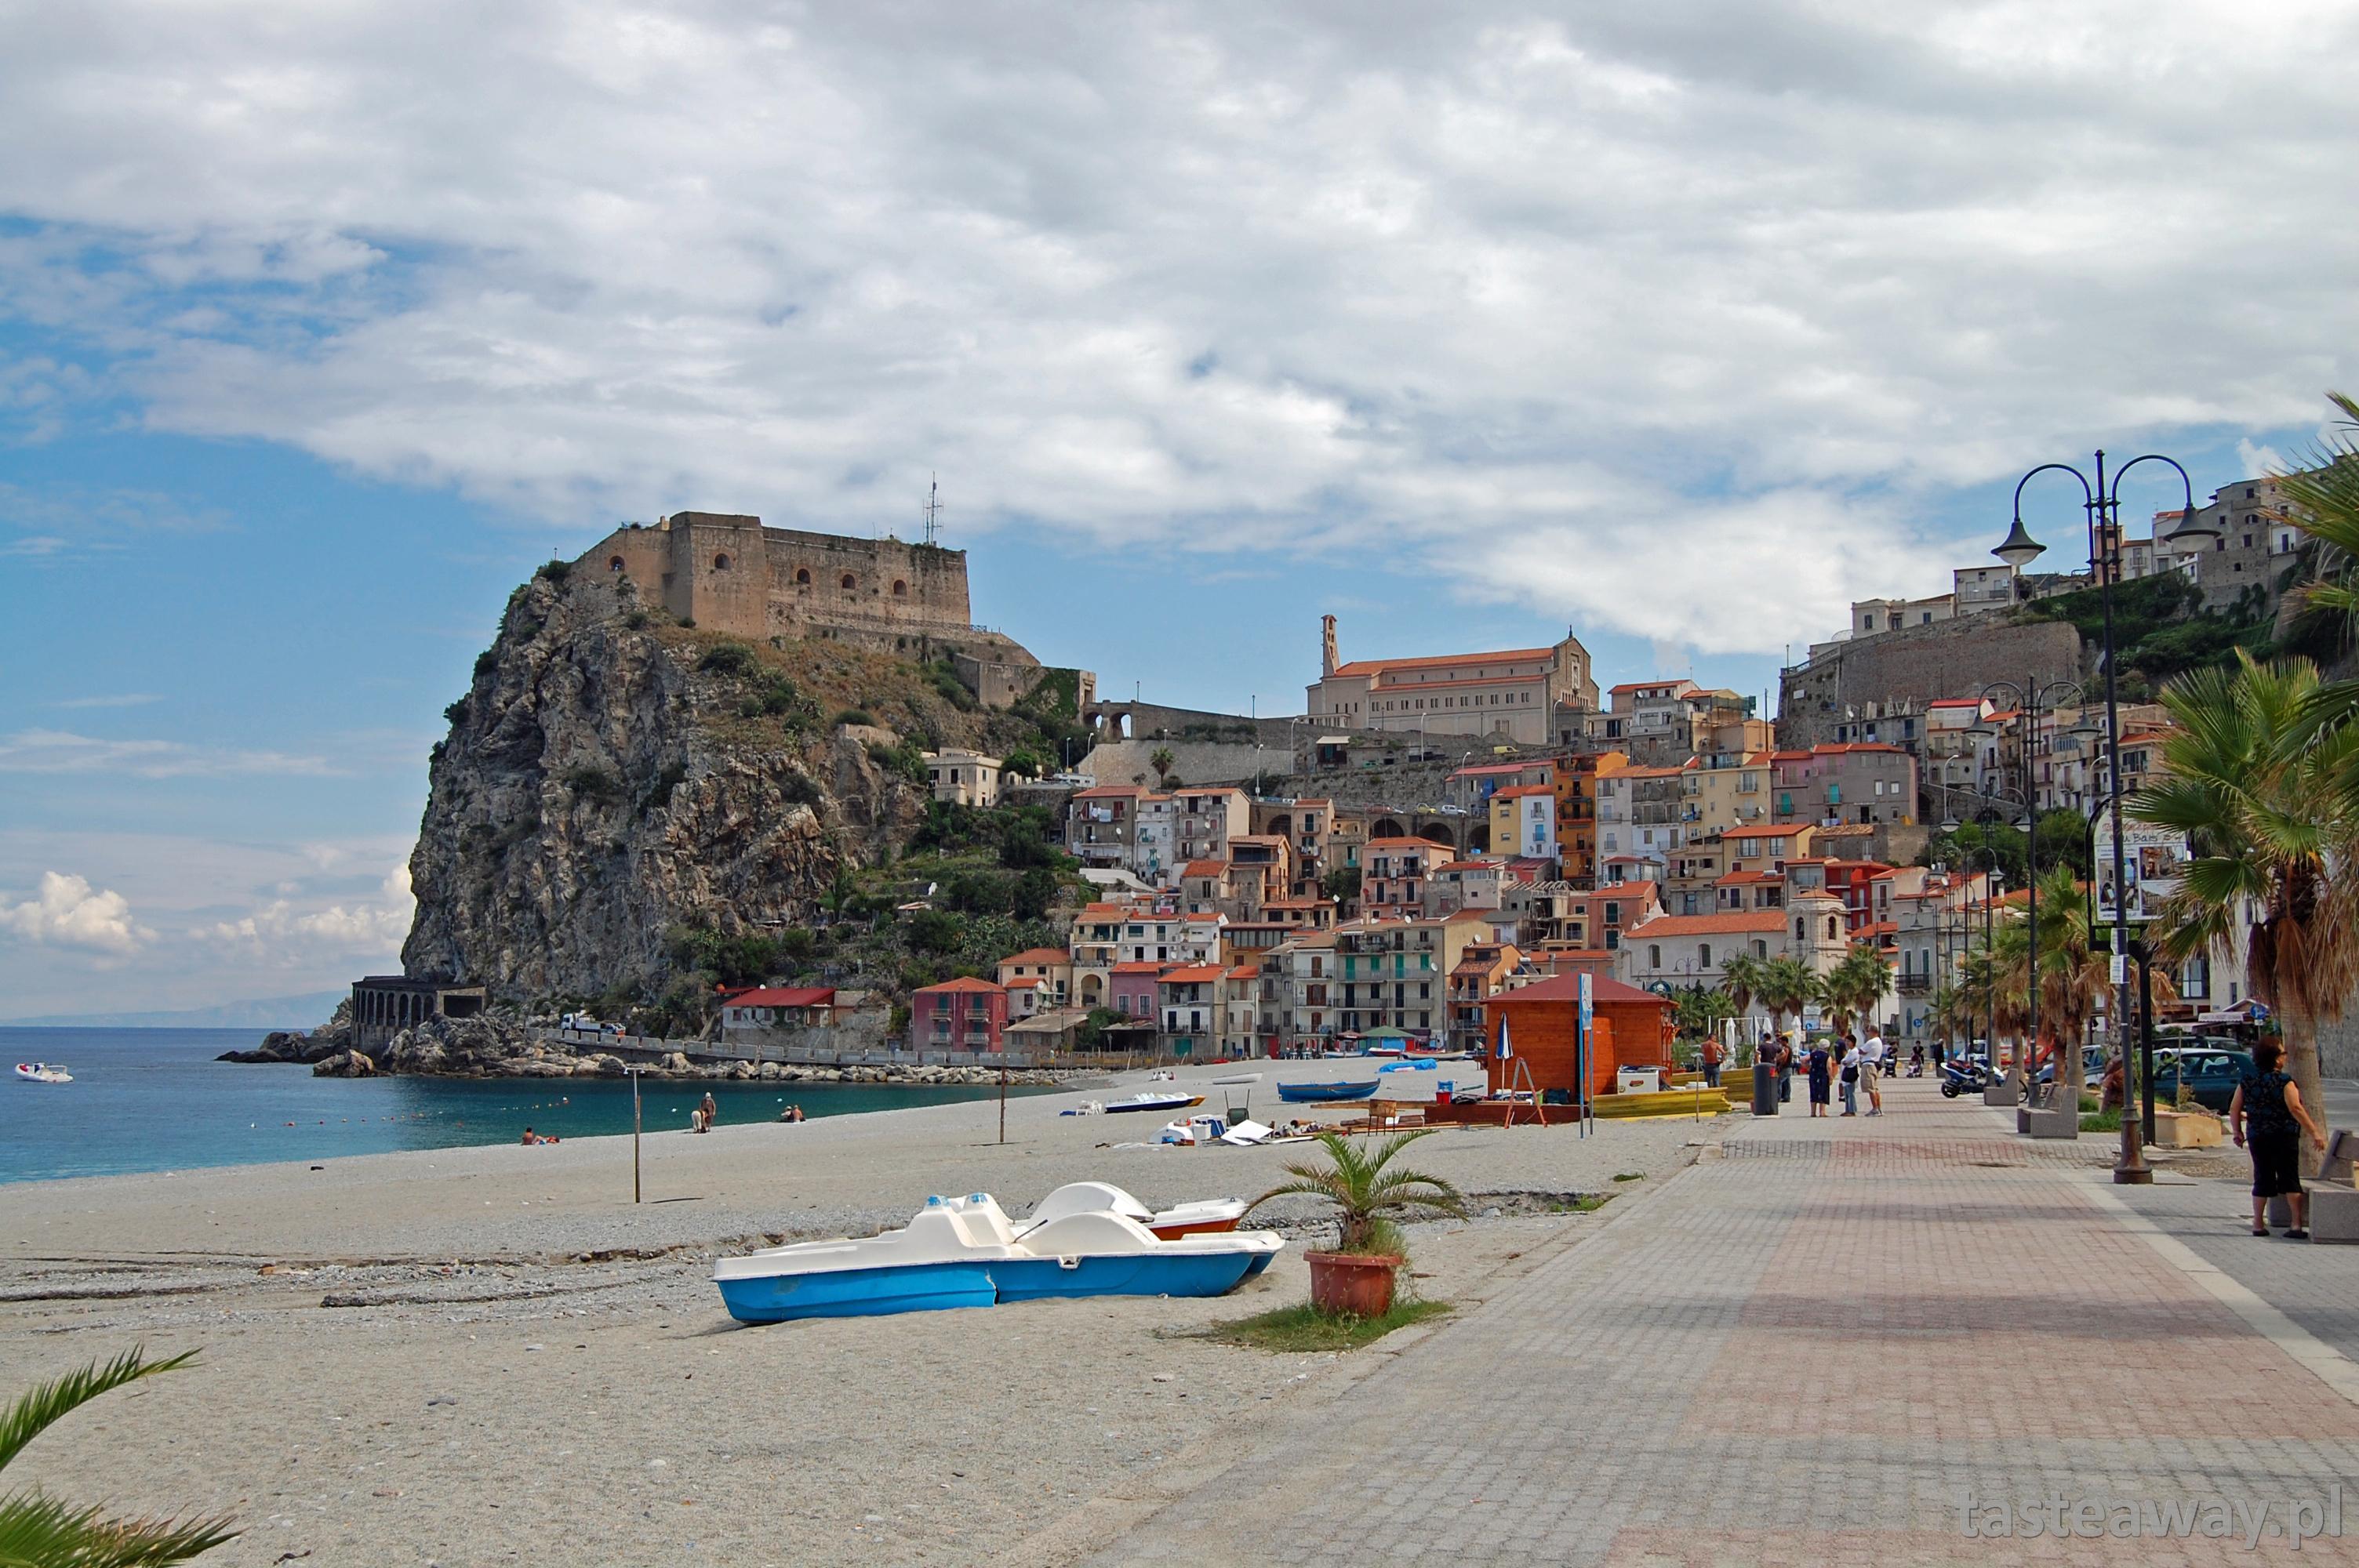 Włochy, co zobaczyć we Włoszech, Scilla